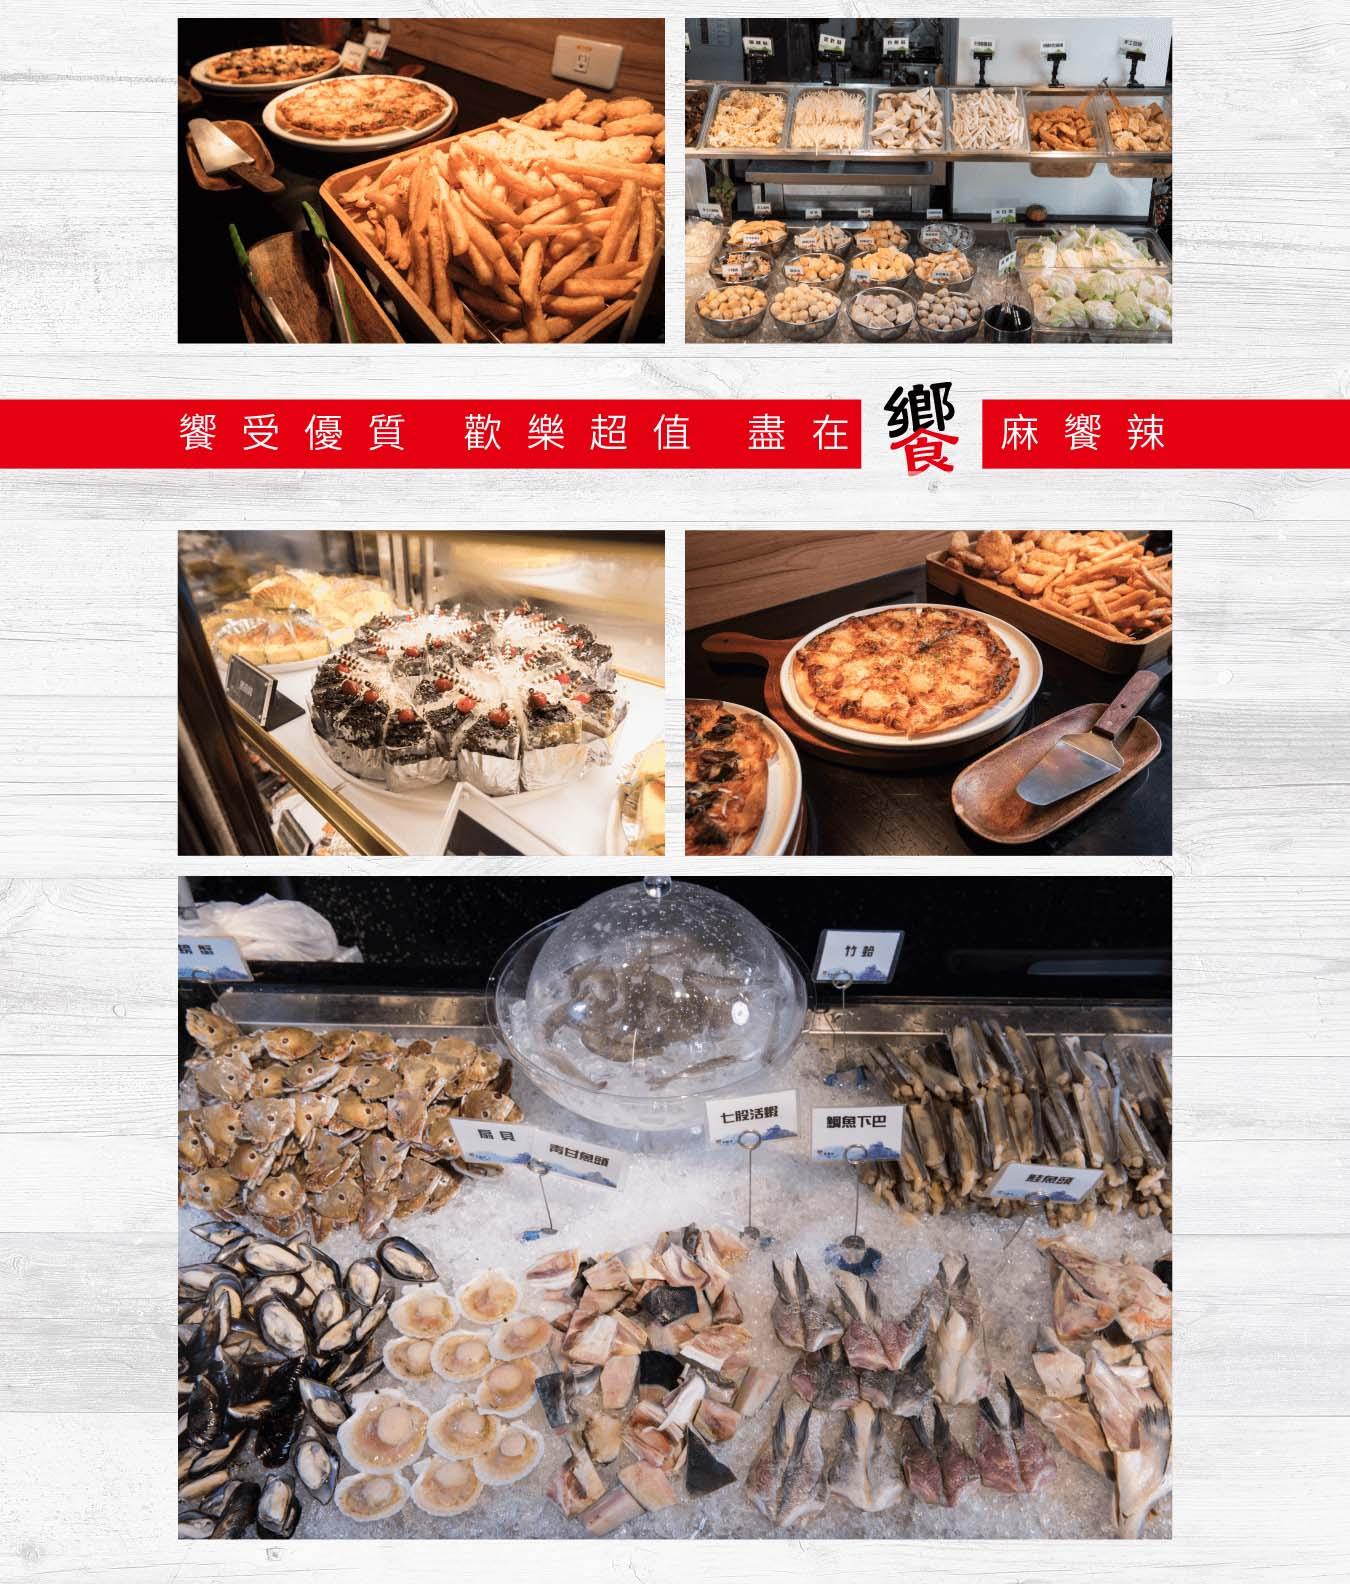 饗麻饗辣麻辣火鍋|頂級饗宴精品火鍋|臺南麻辣火鍋|高雄麻辣火鍋|官方網站